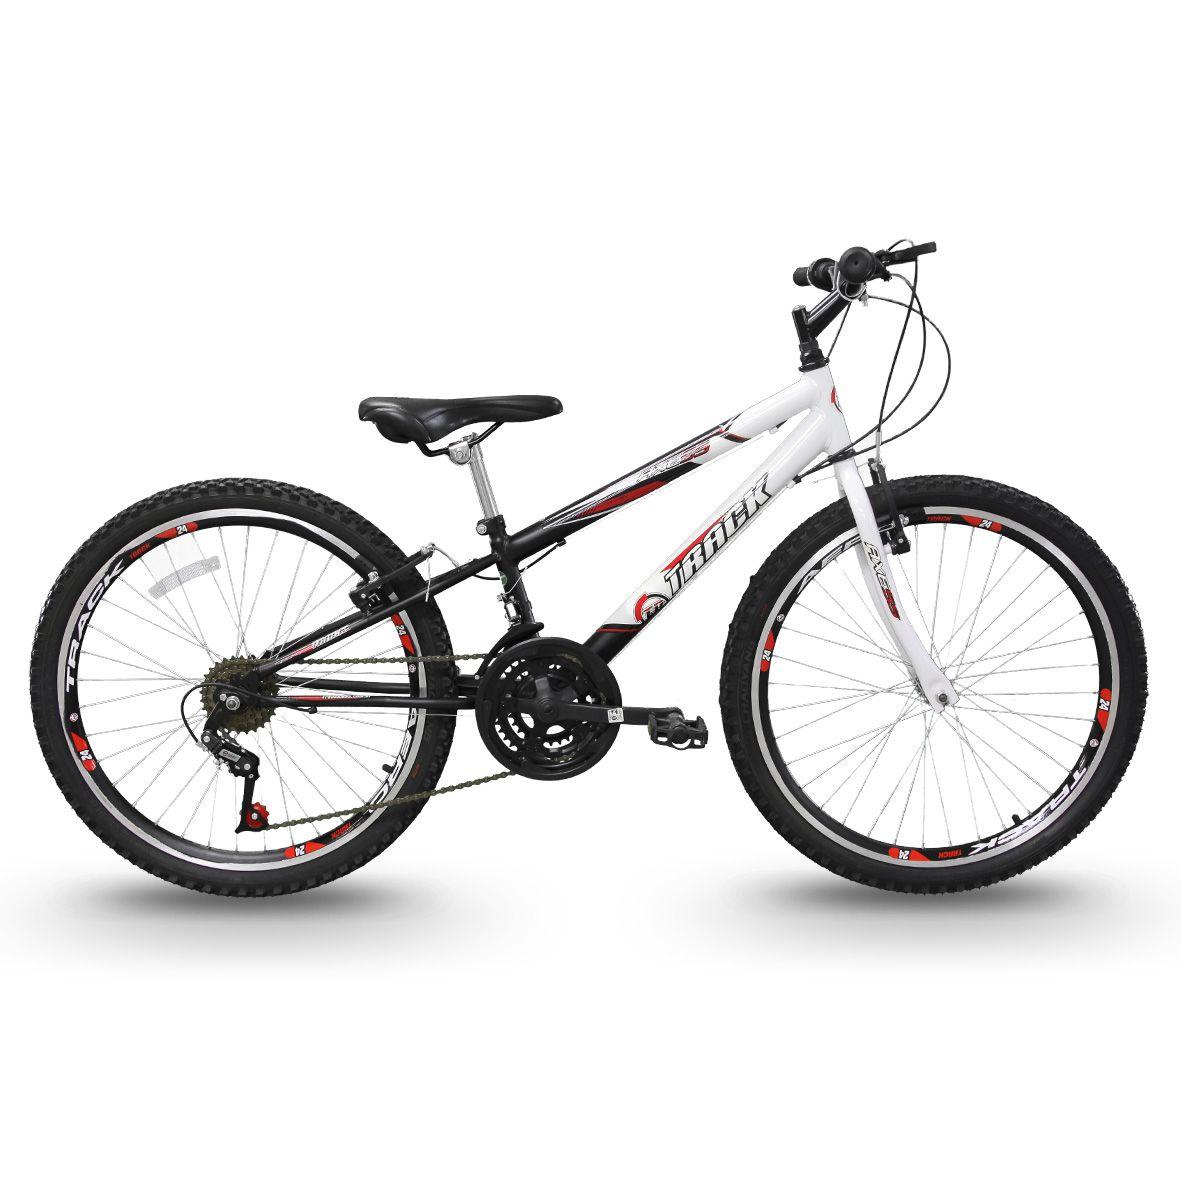 Bicicleta Track Bikes Axess Juvenil Aro 24